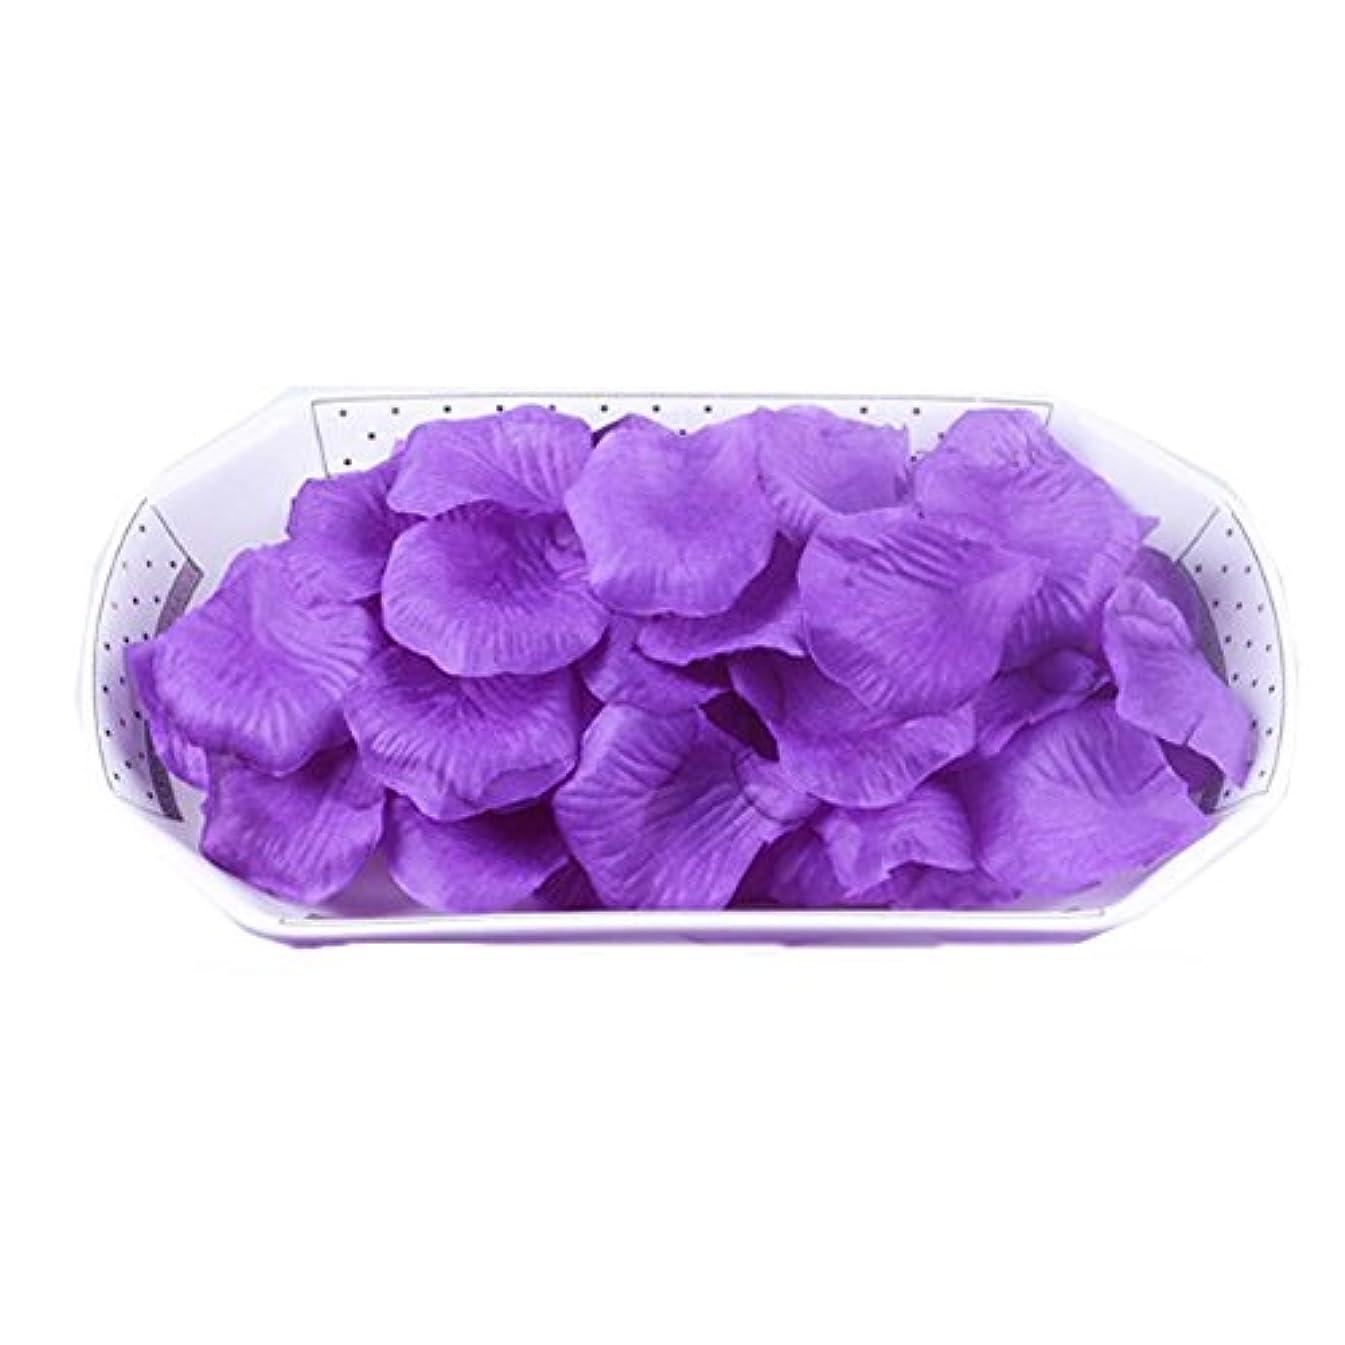 ハリウッドドラッグ気になる結婚式の装飾のための人工花の花びら紫2000 PC